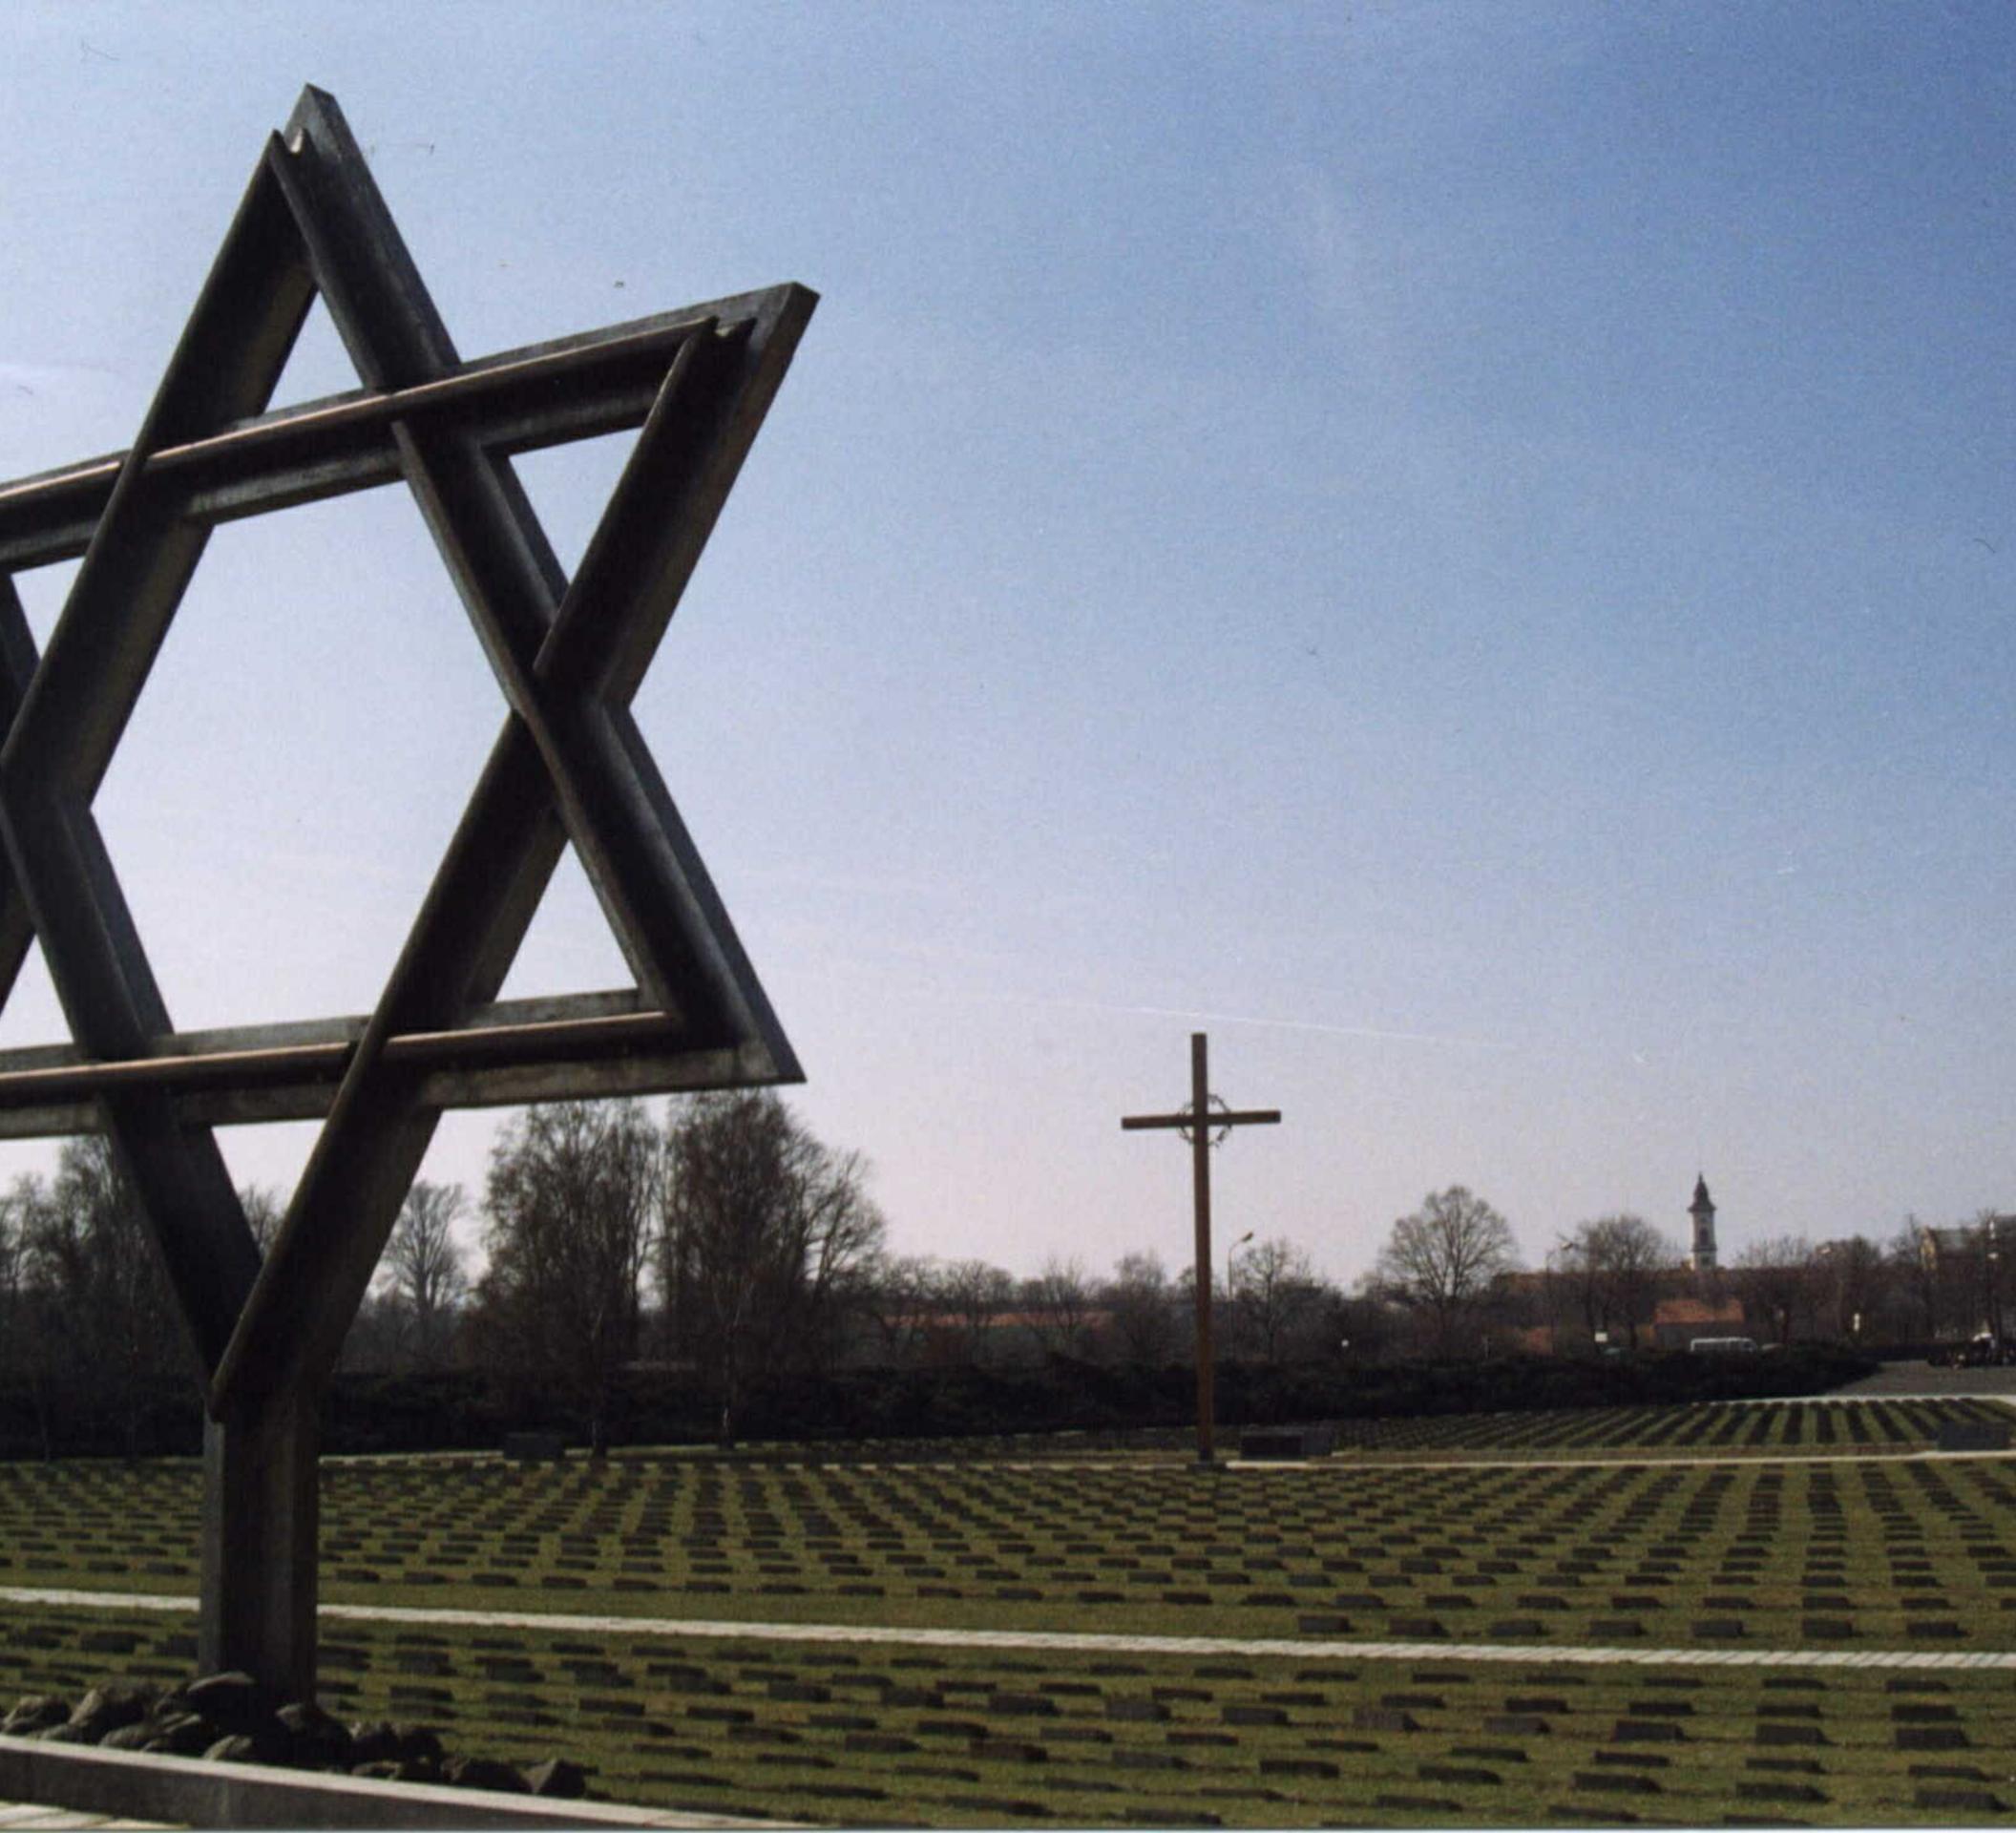 Ver la ciudad,Tickets, museos, atracciones,Tours históricos y culturales,Entradas a atracciones principales,Visita Campo de Concentración Tezerín